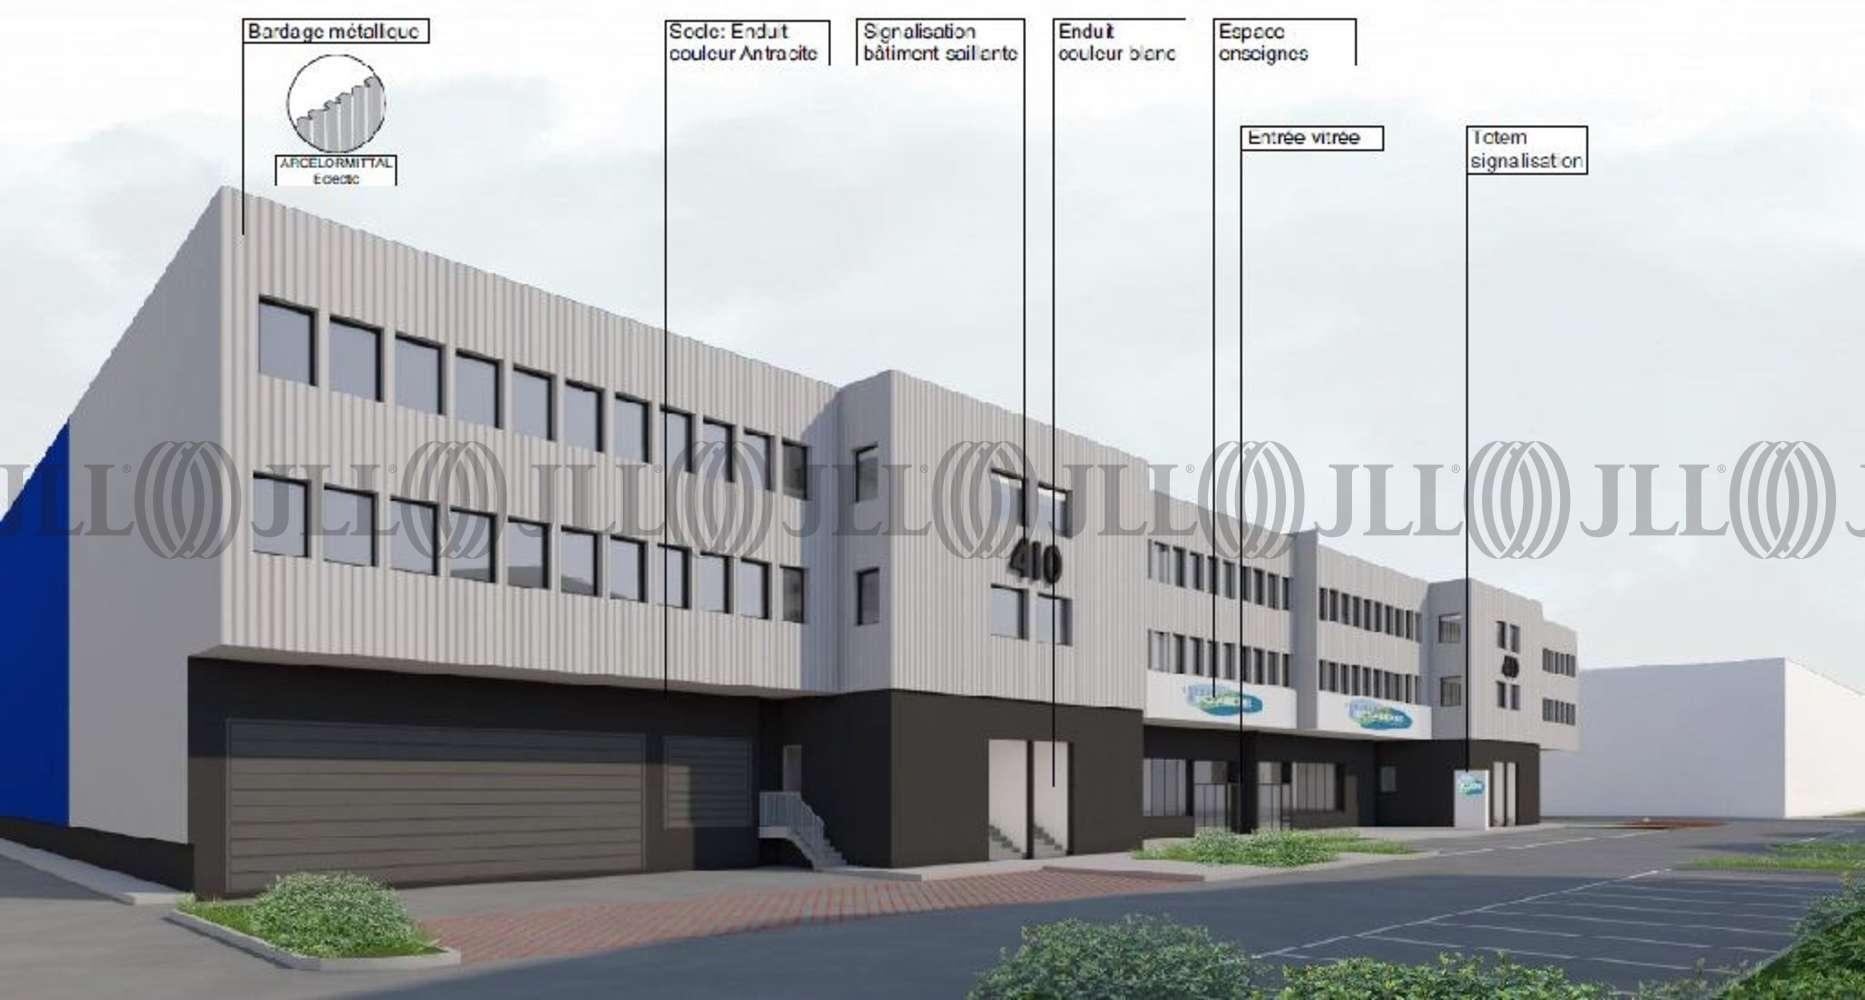 Activités/entrepôt Aubervilliers, 93300 - PARC DU MAUVIN - BAT 410 - 9874497